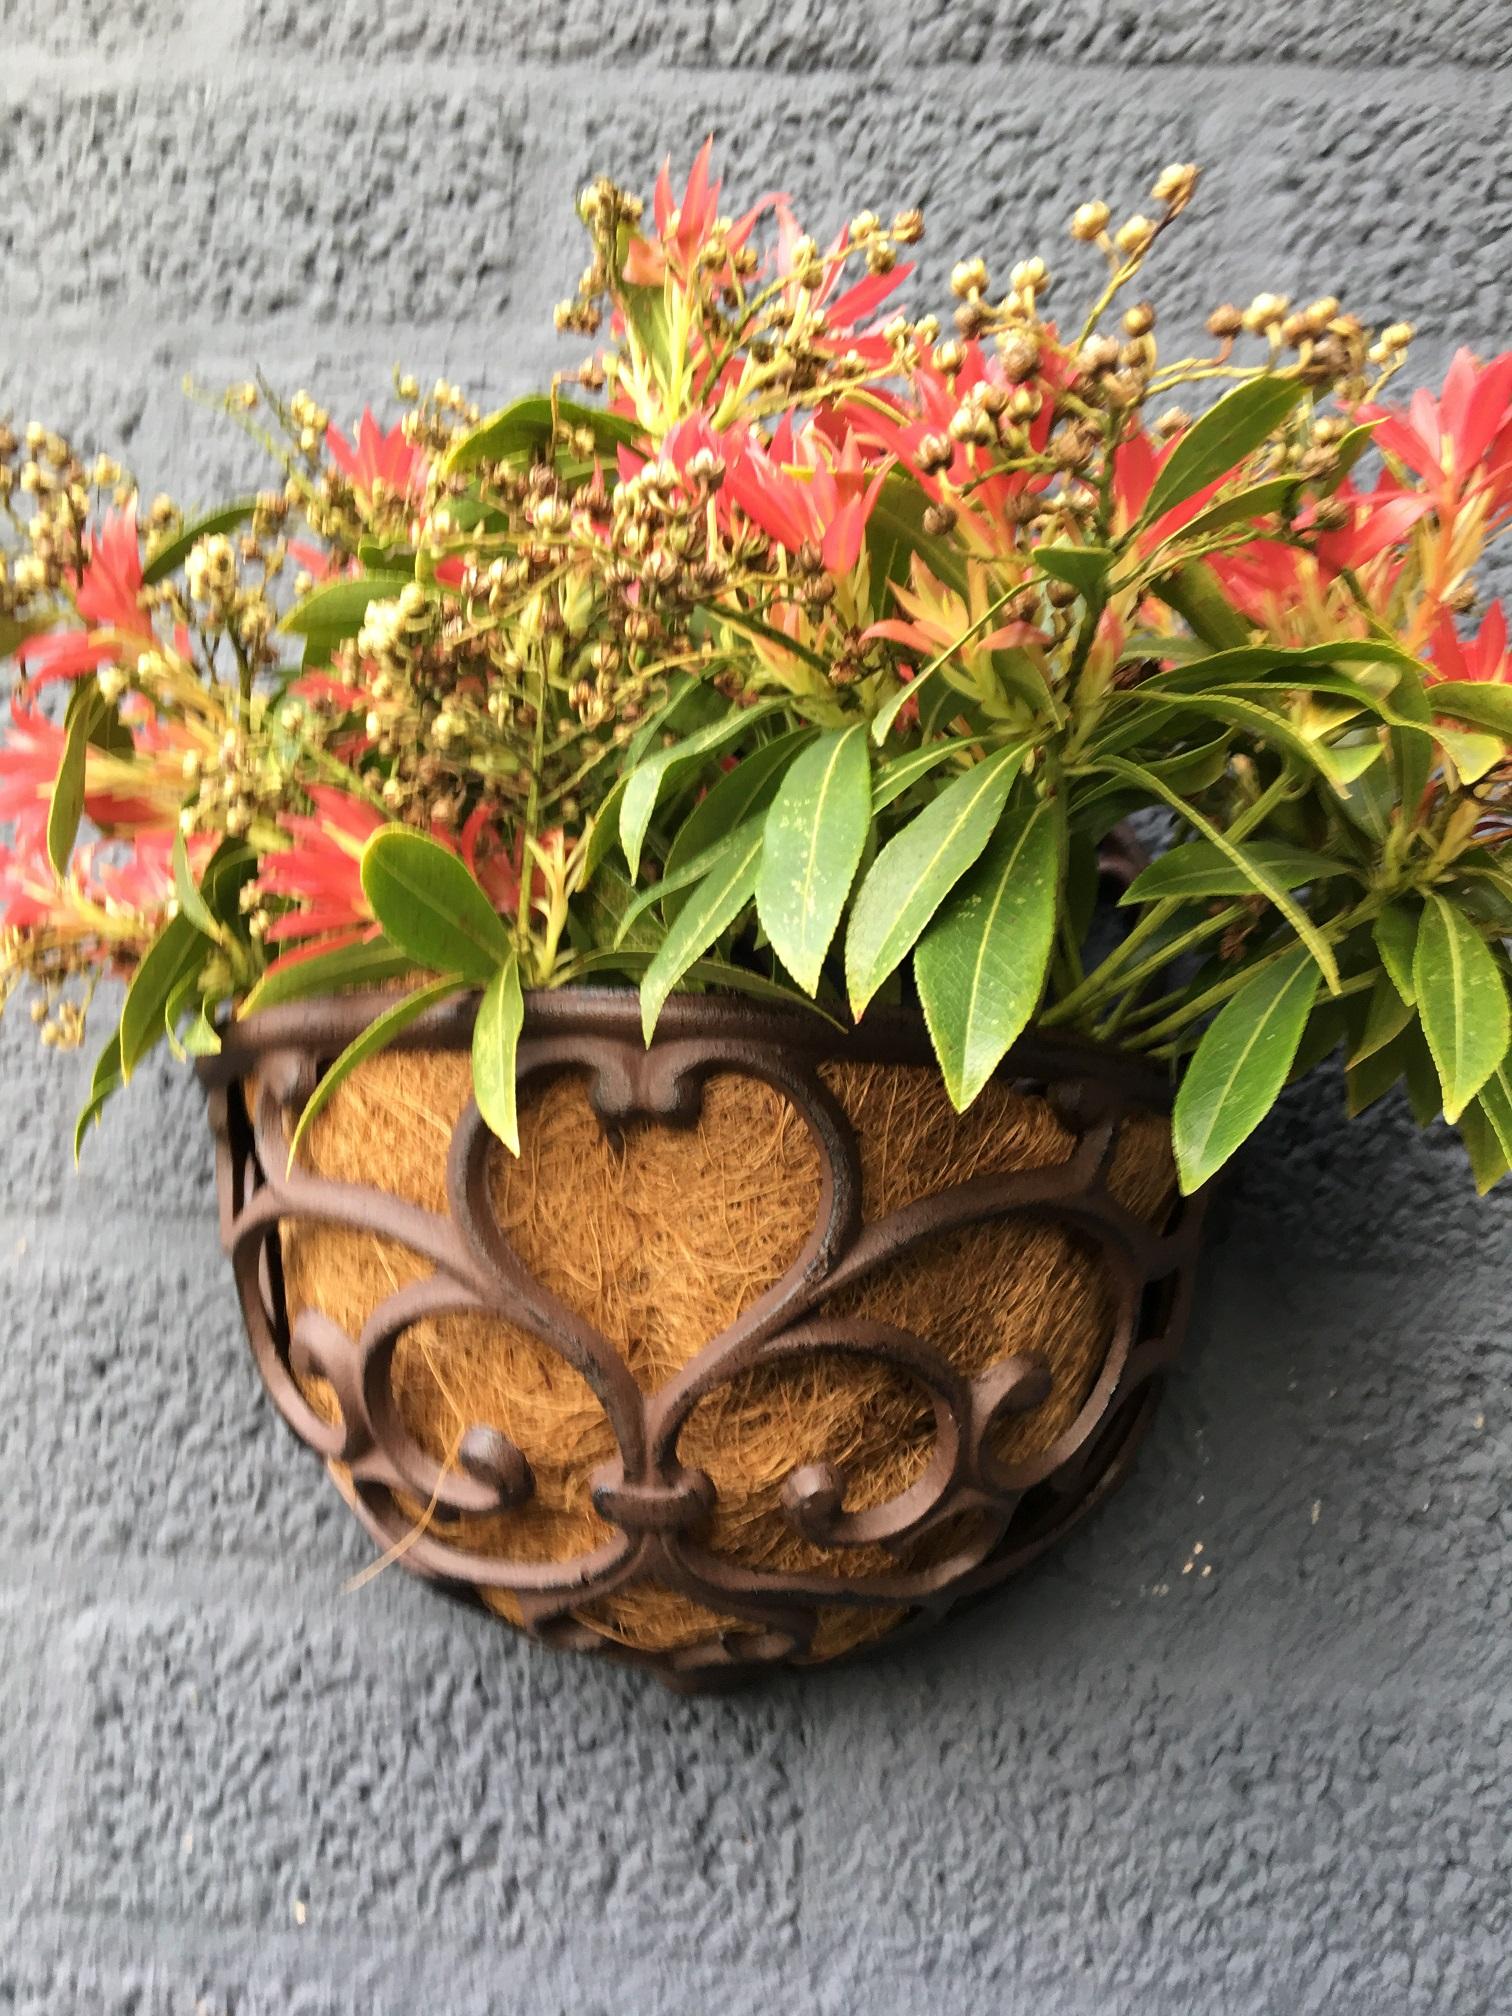 tags planter planten bloemen bloembak bloembakken antieke mediterrane balkon planten plantenbak voor balkon bloembakken balkon bloembakken